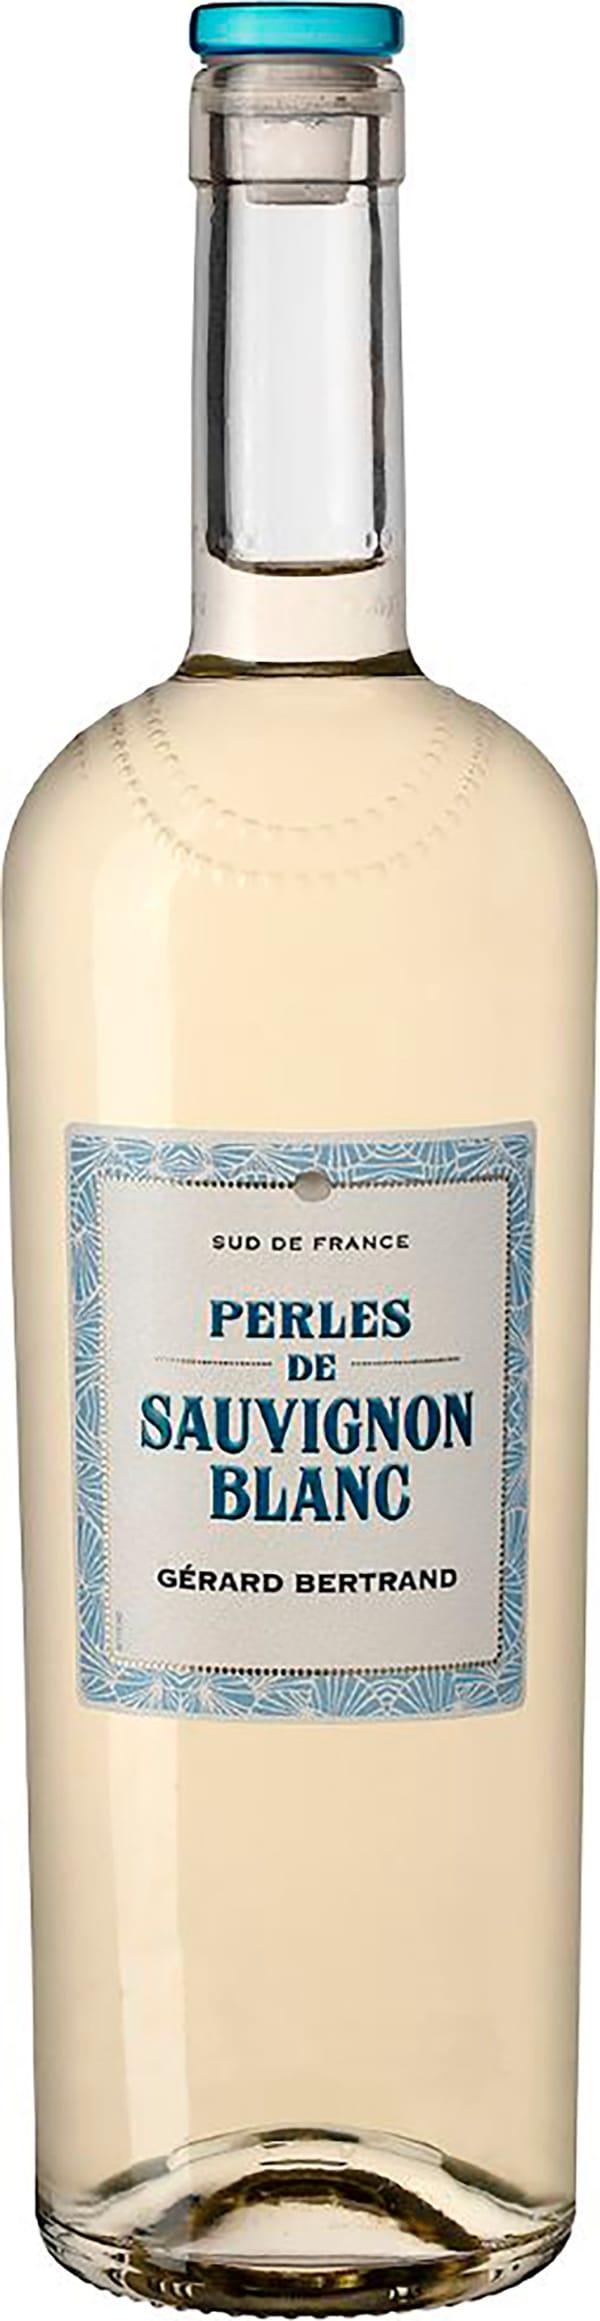 Gérard Bertrand Perles de Sauvignon Blanc 2018